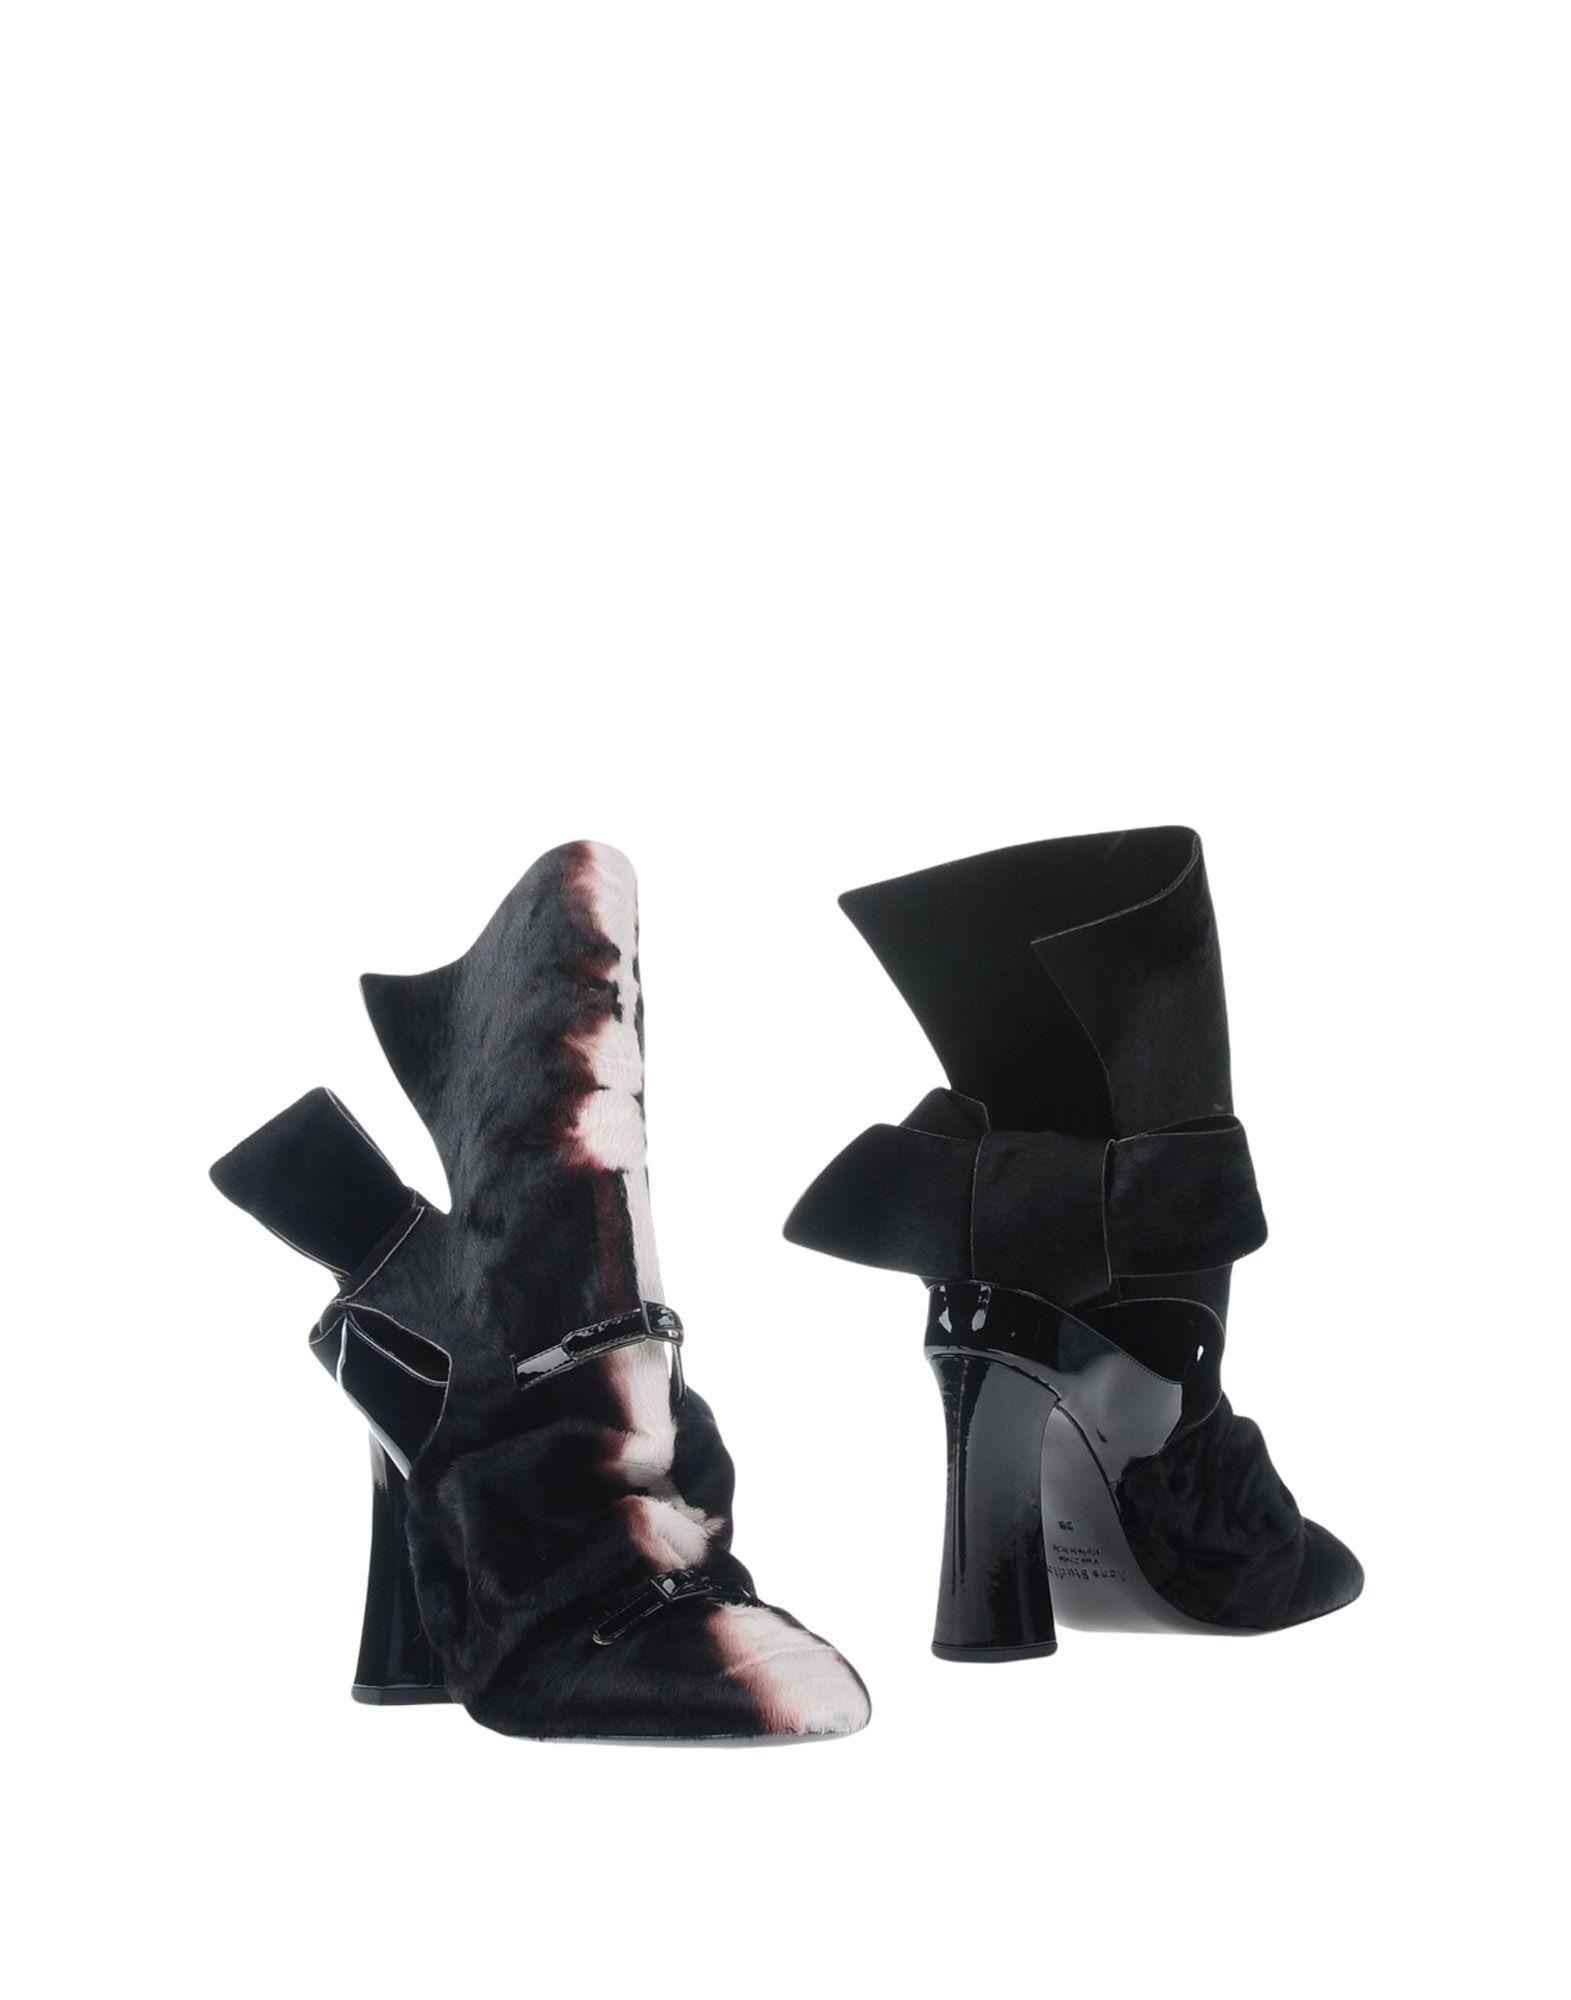 Acne Studios Stiefelette Damen  11377179VA Gute Qualität beliebte Schuhe